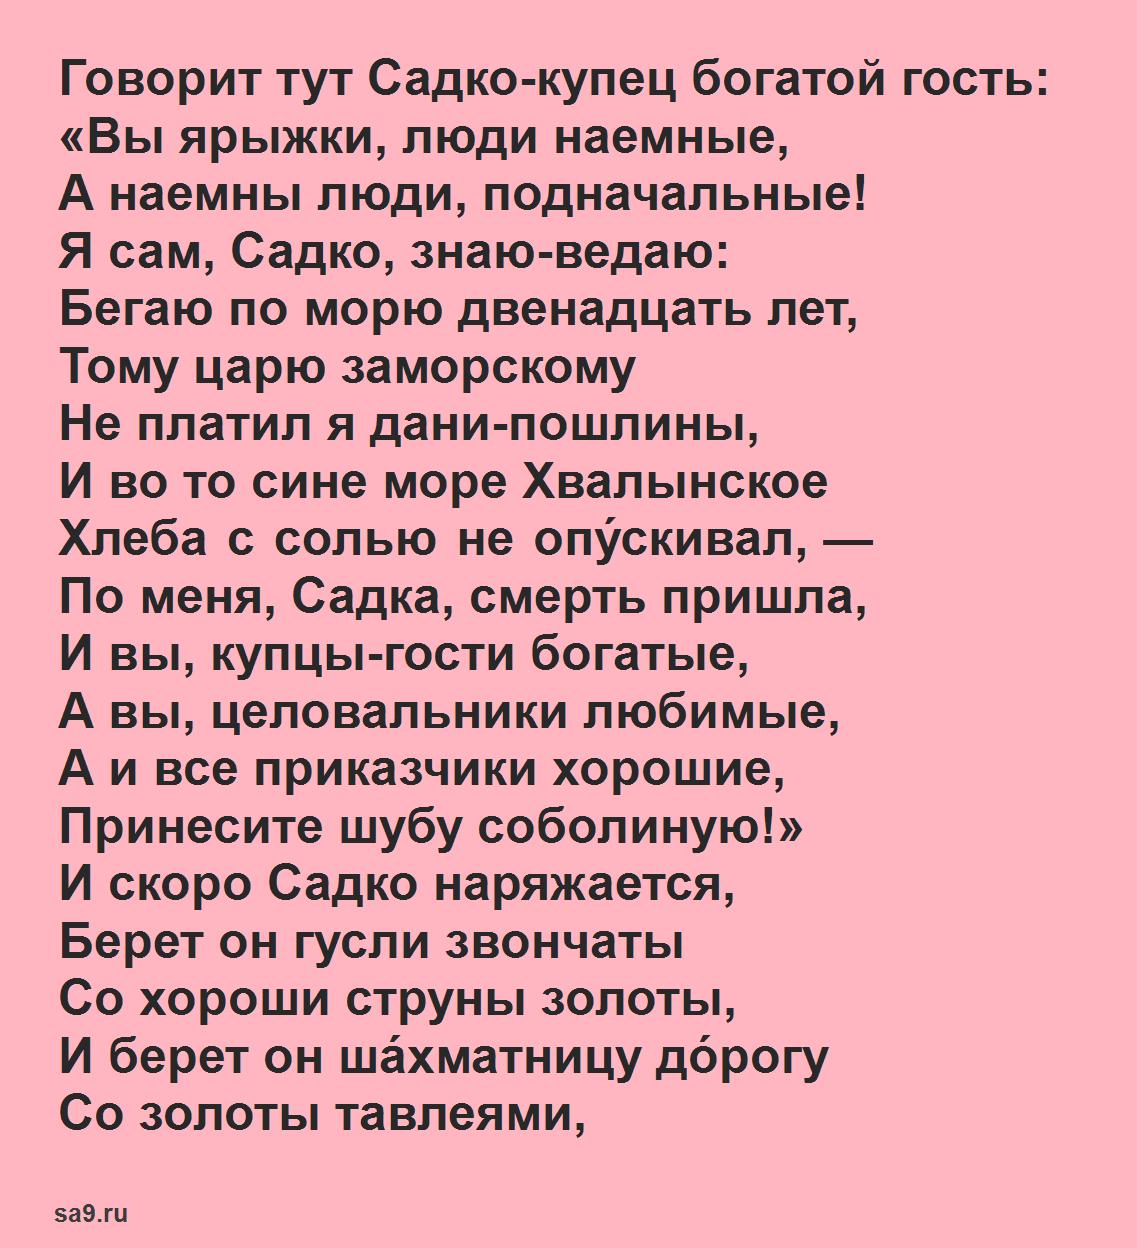 Былина - Садков корабль стал на море